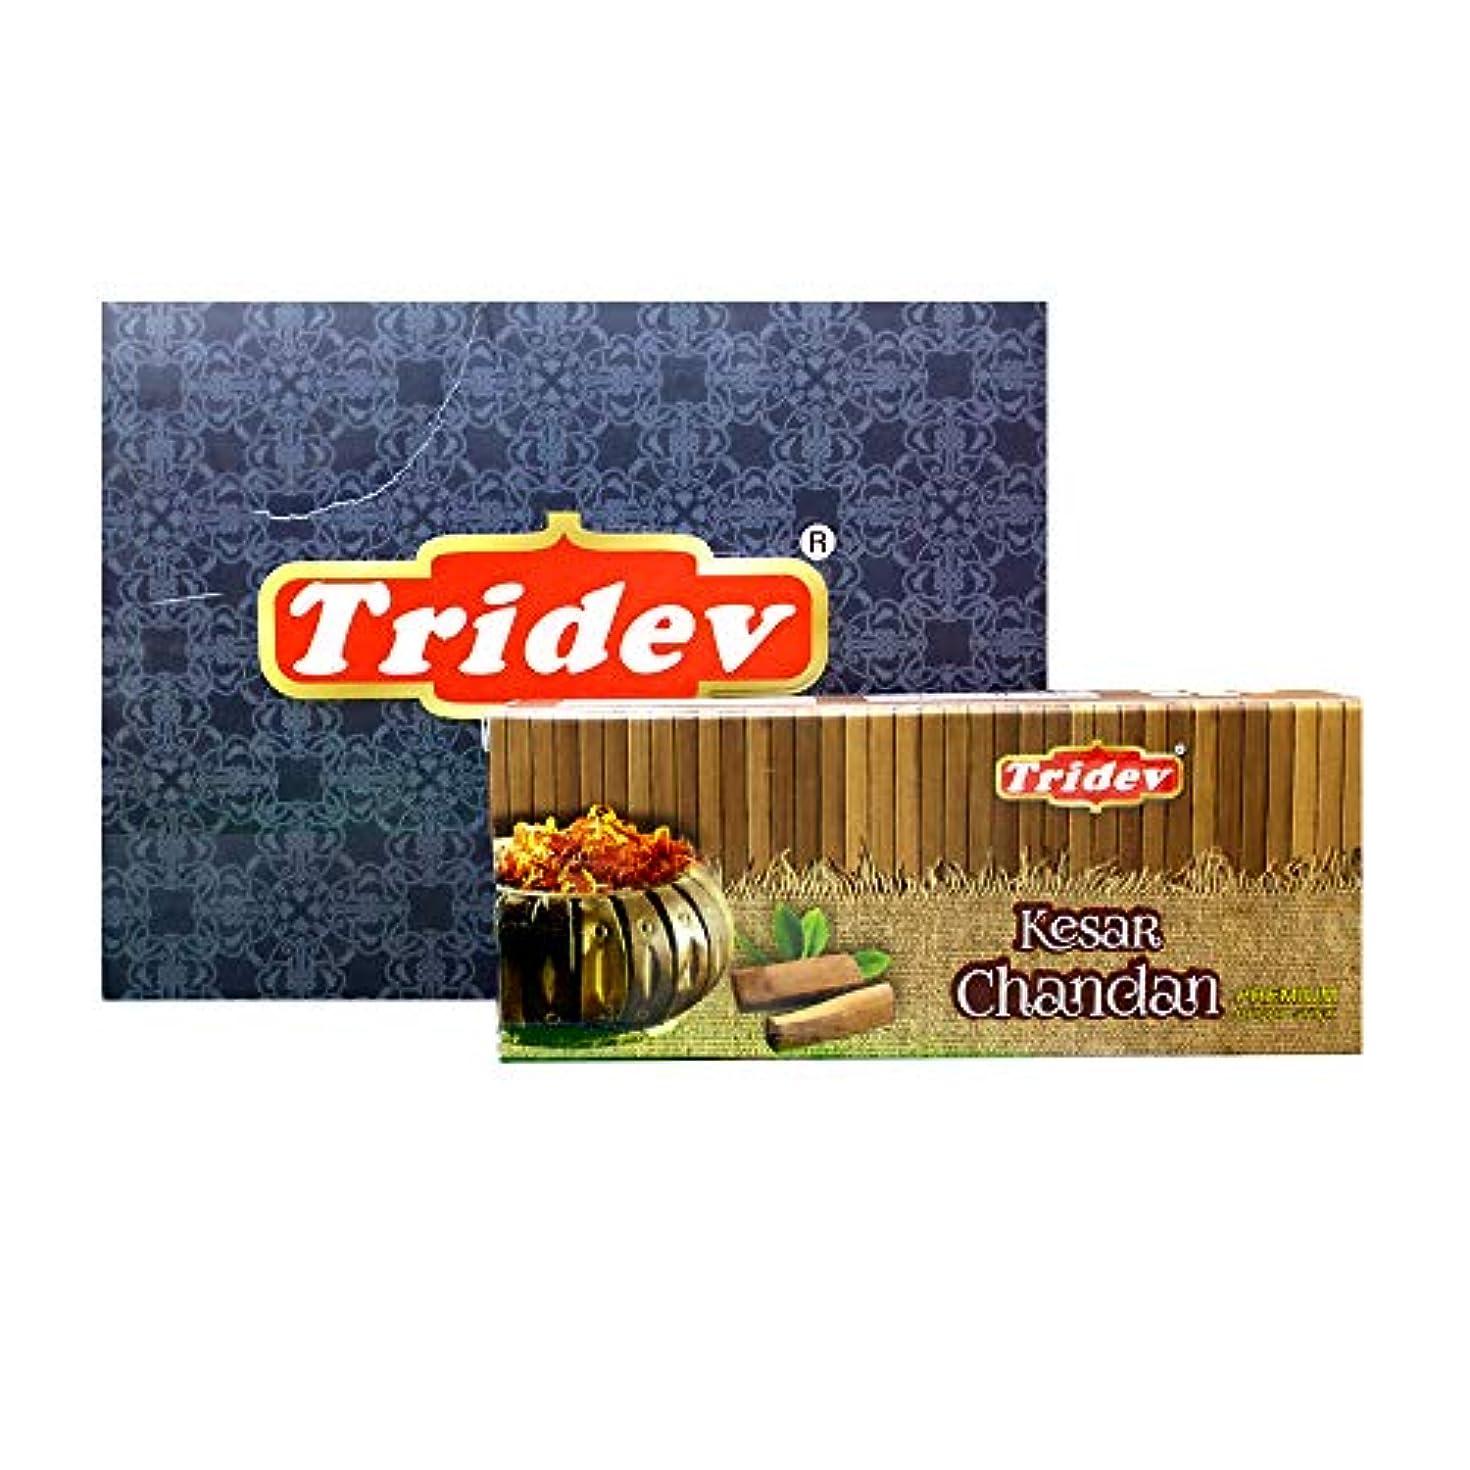 承知しました病気初期Tridev Kesar Chandan プレミアム ドープスティック ボックス | 1箱に75グラム12パック | 輸出品質